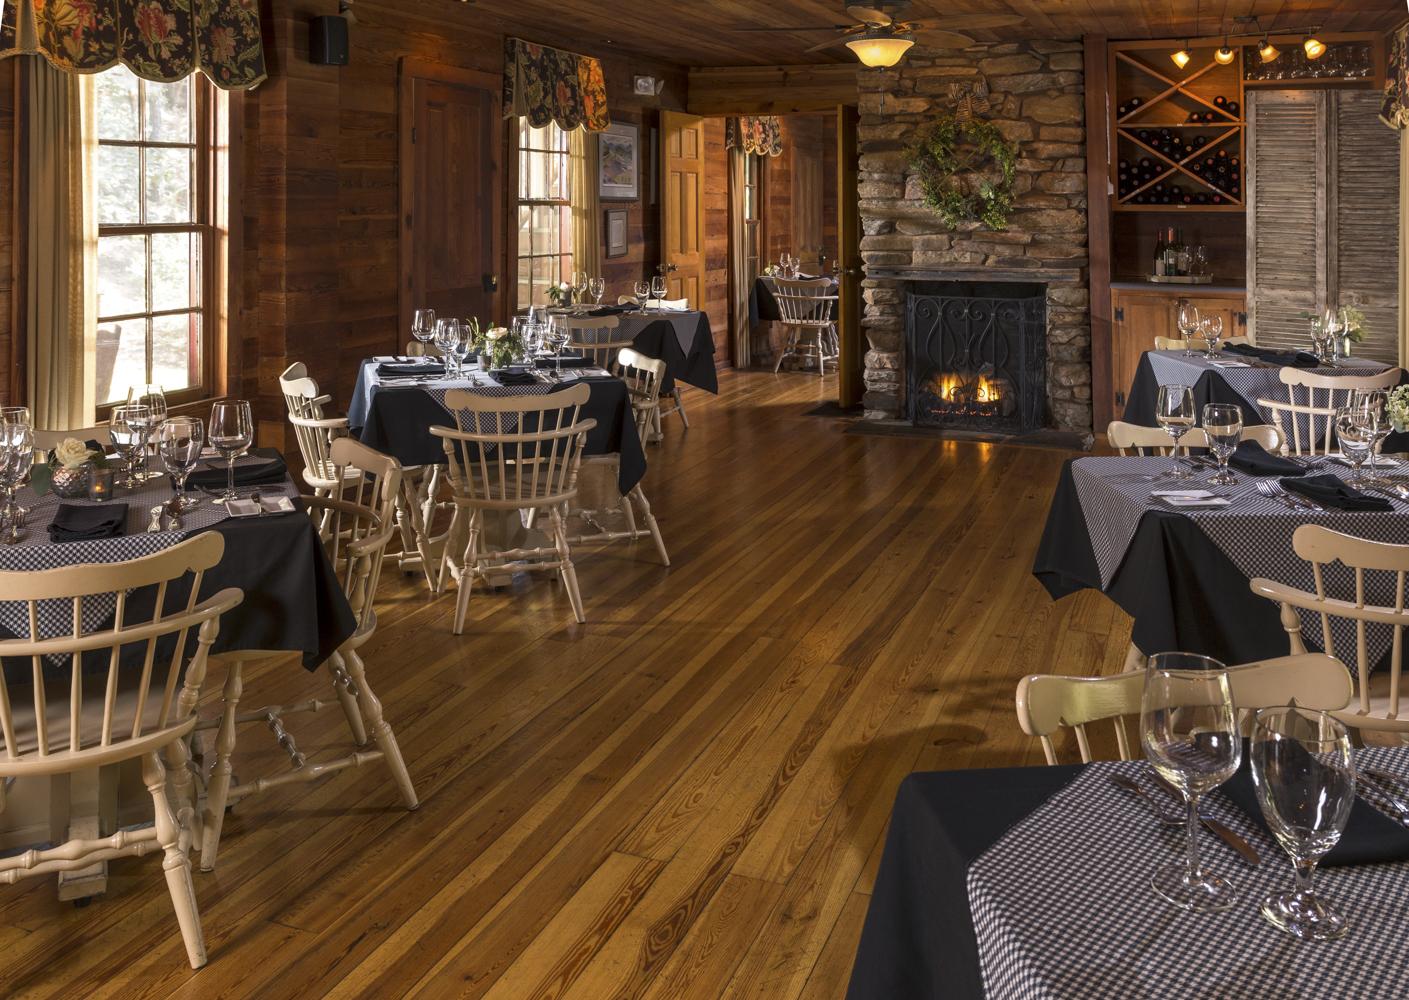 Glen_Ella_Interiors_Restaurant_dining_room